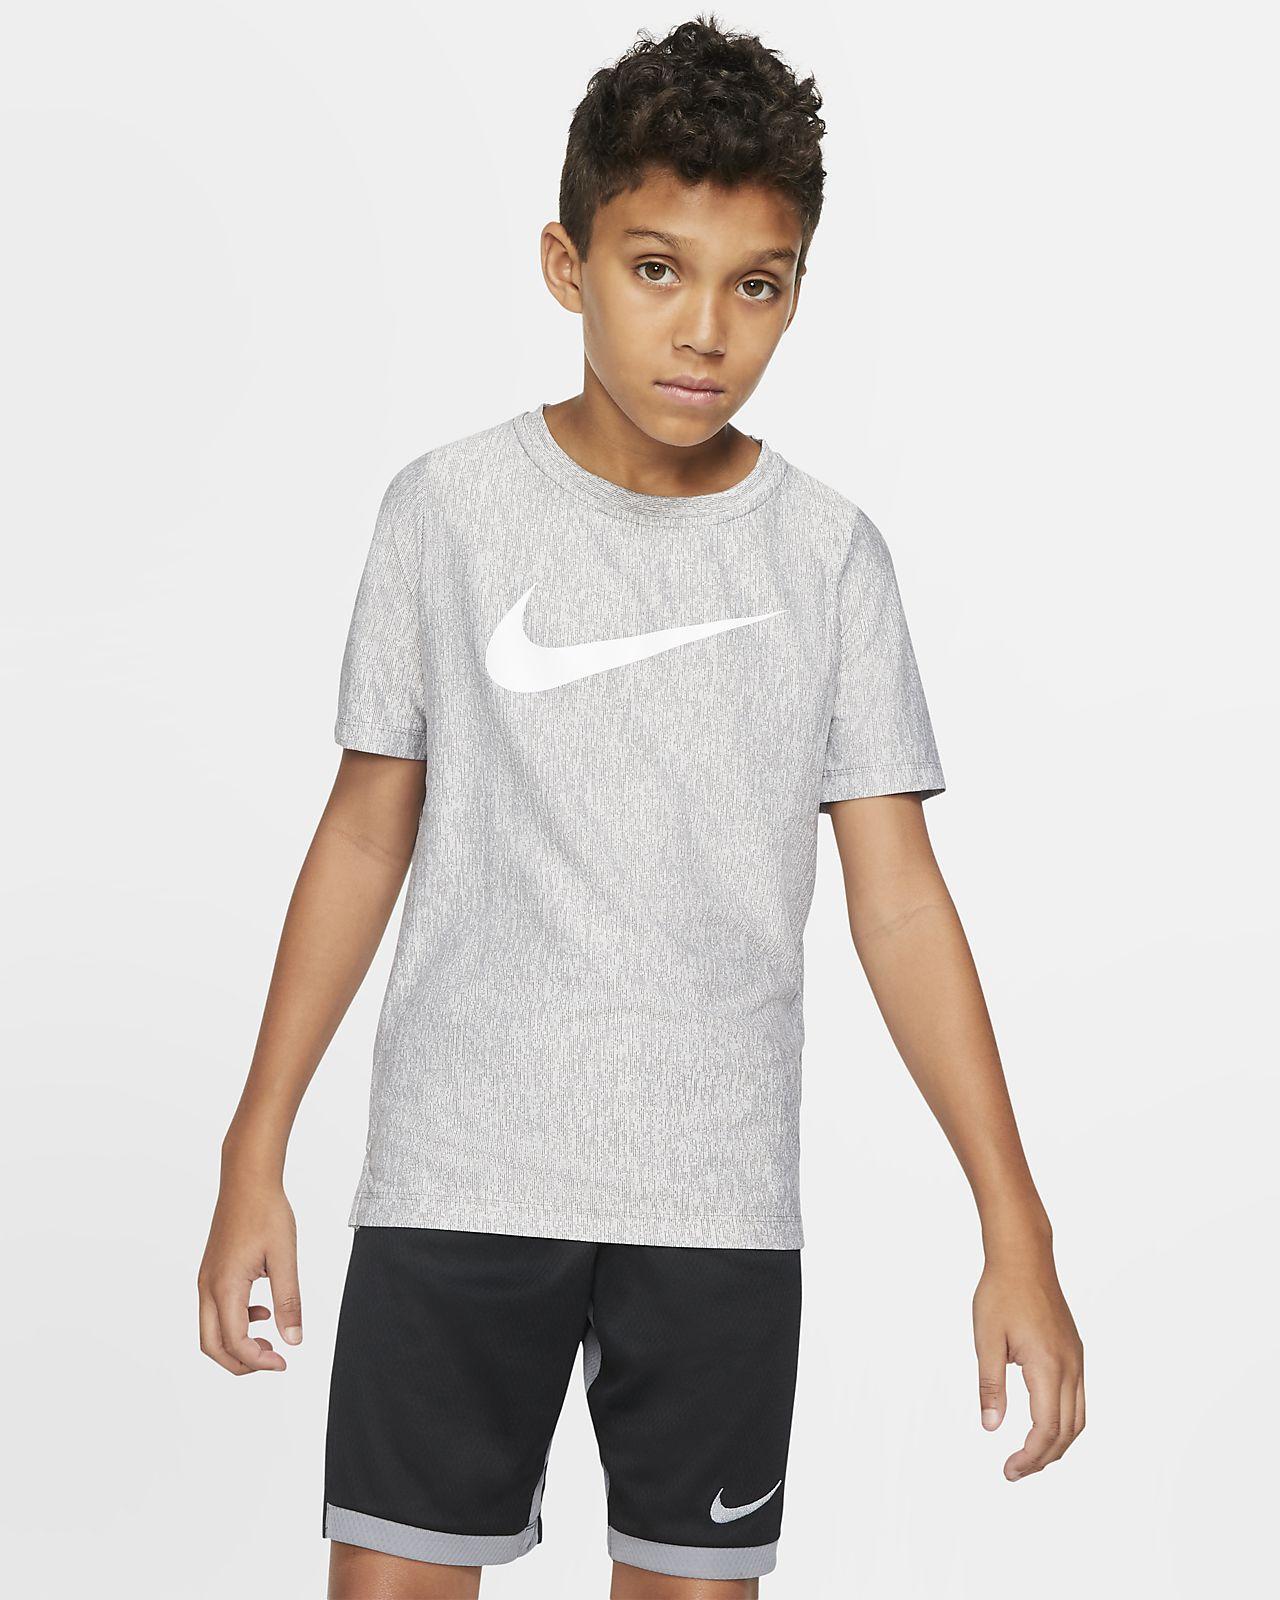 Haut de training à manches courtes Nike Dri-FIT pour Garçon